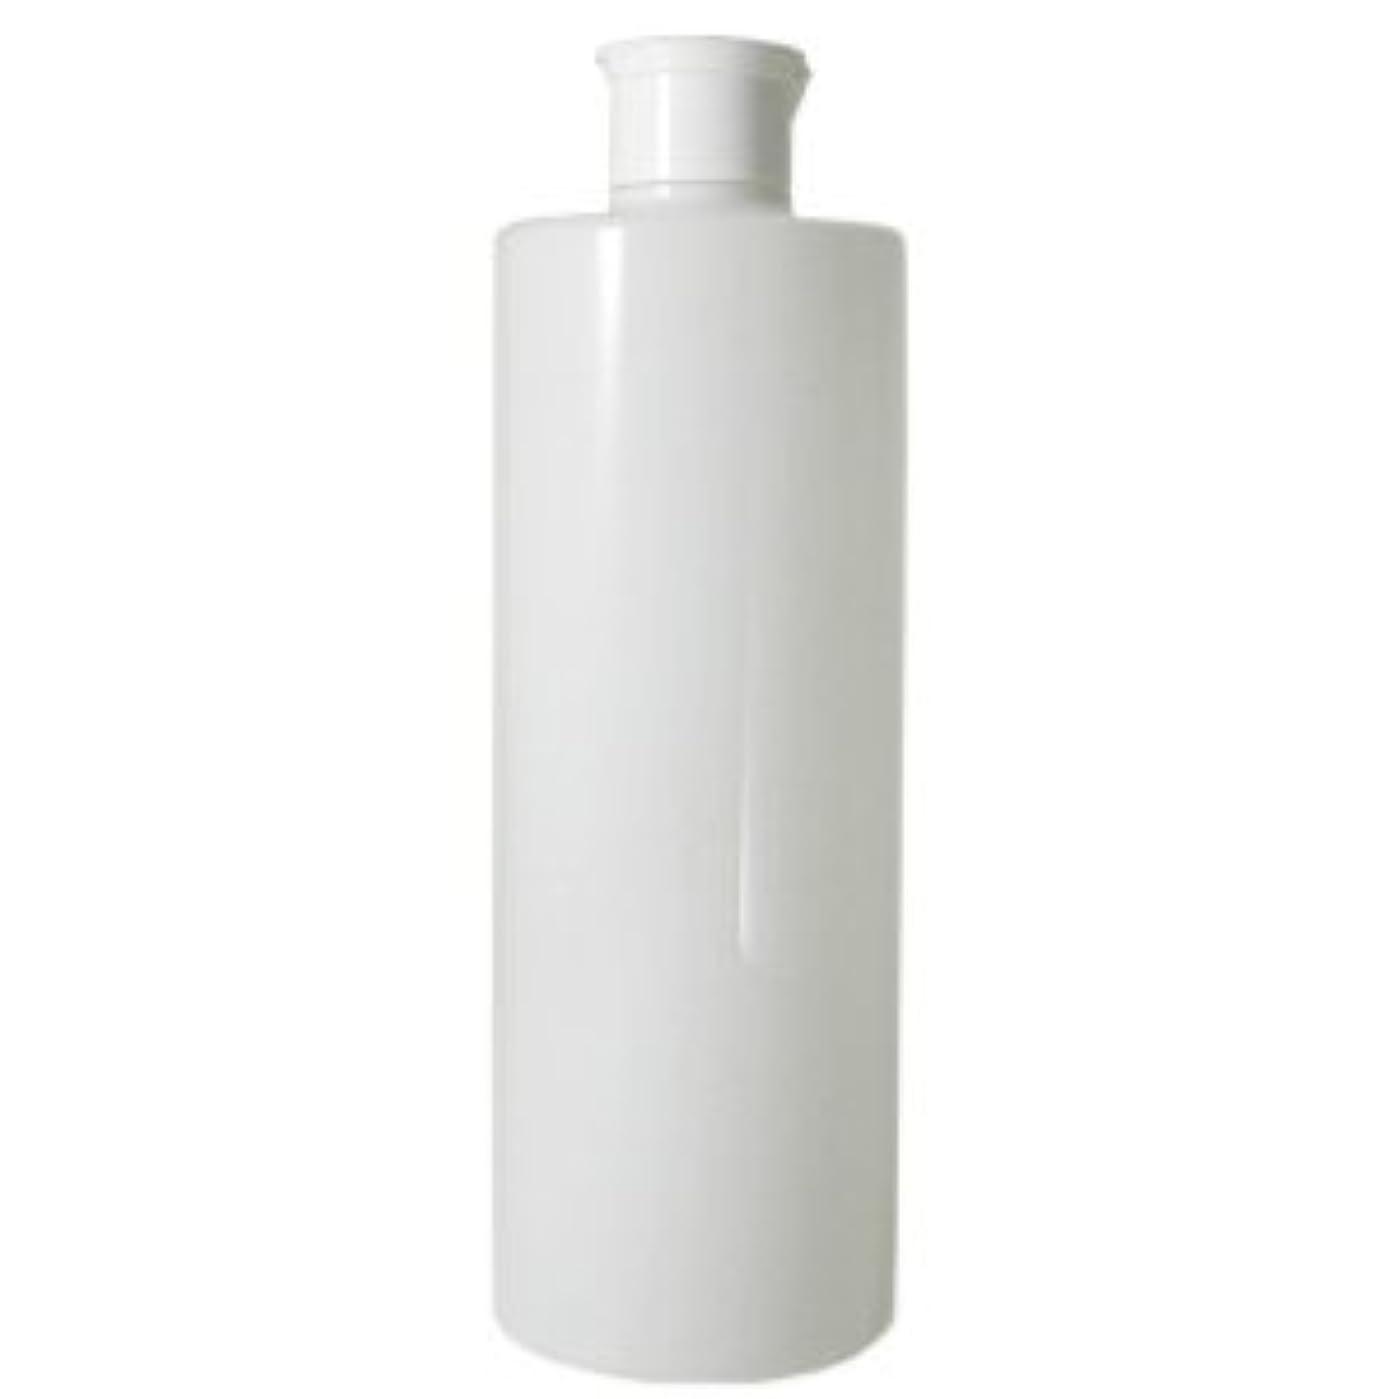 ストライドシンプトン知るワンタッチキャップ 乳白半透明容器 500ml